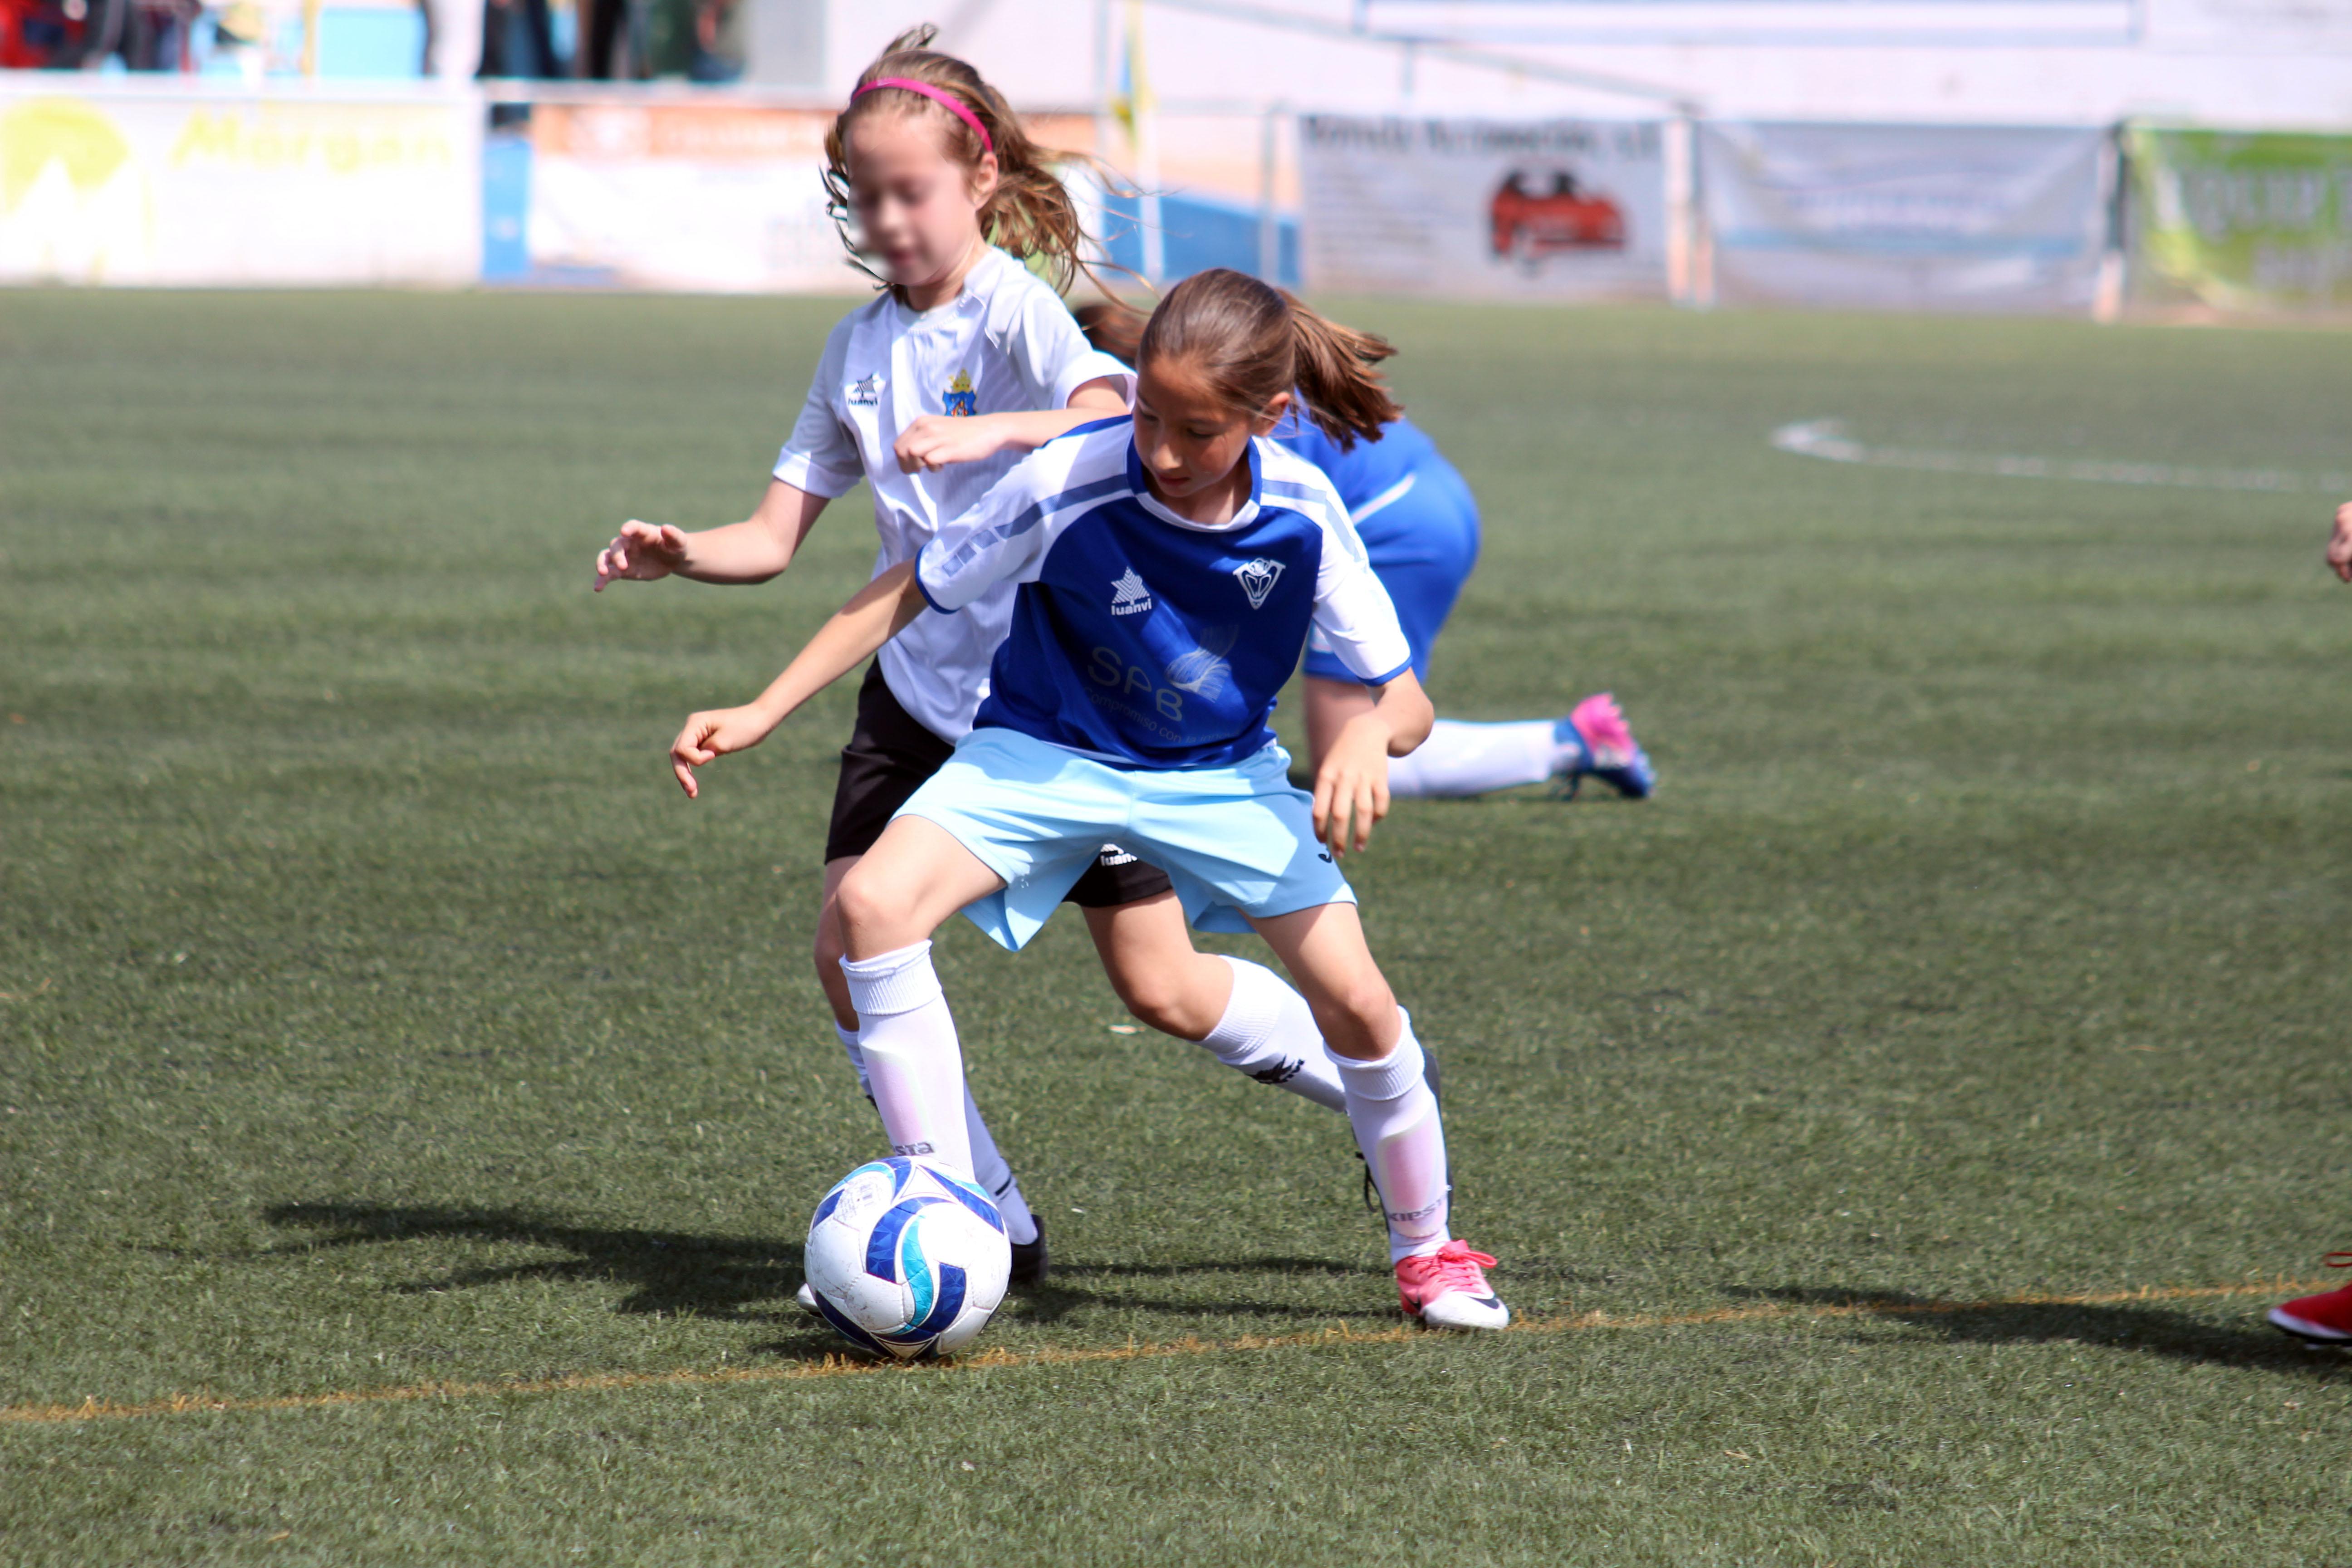 El primer partido del equipo de fútbol femenino de Cheste en el campo 'La Viña'.